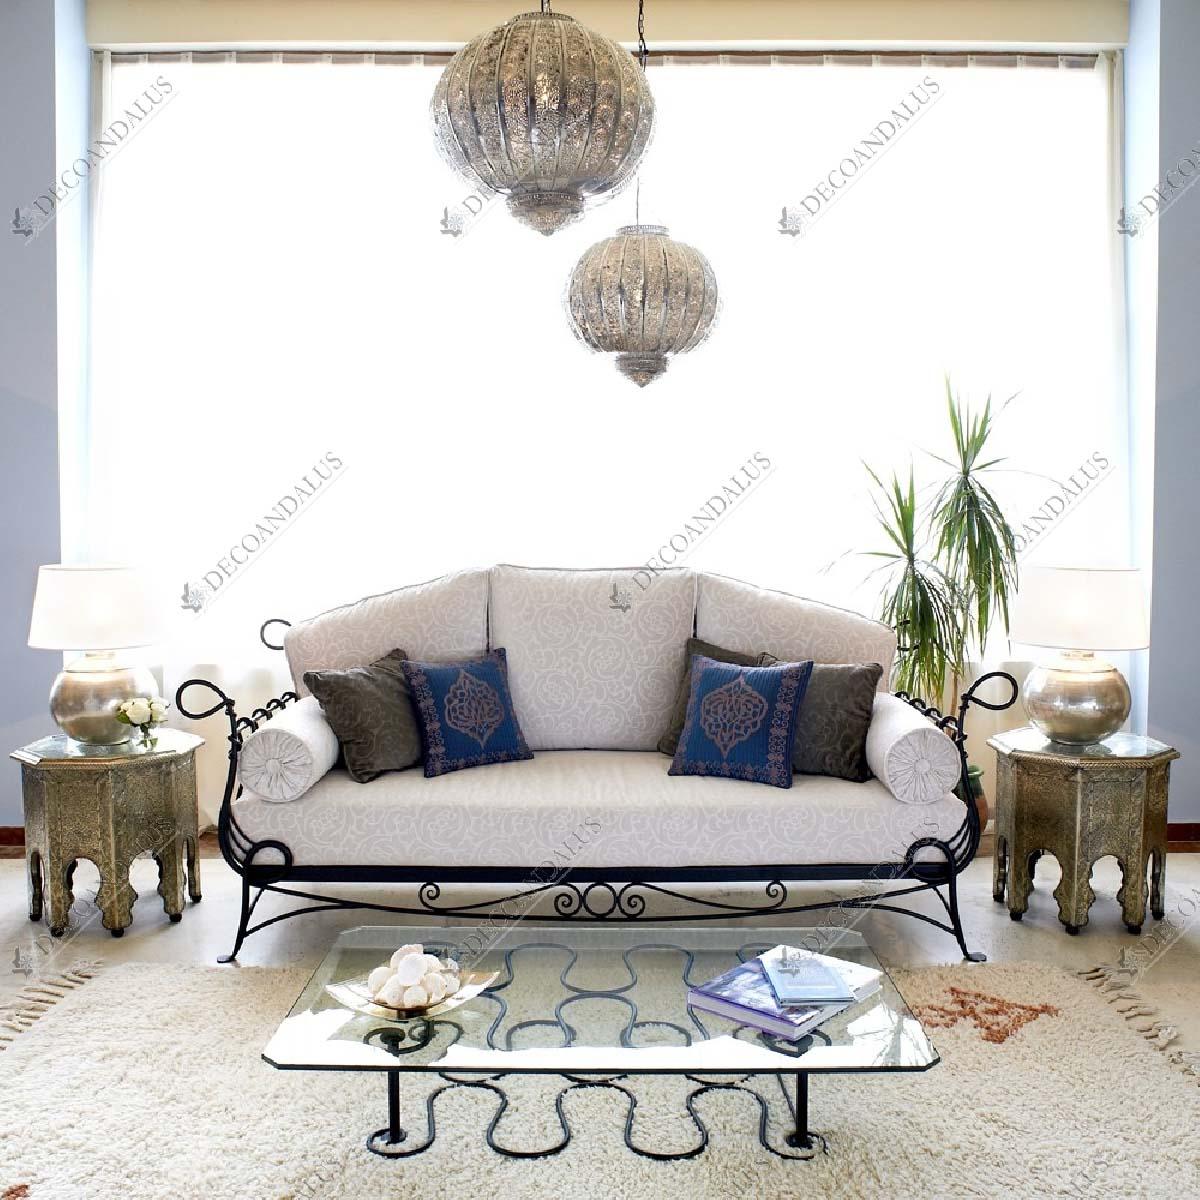 Sof for Sofa exterior hierro